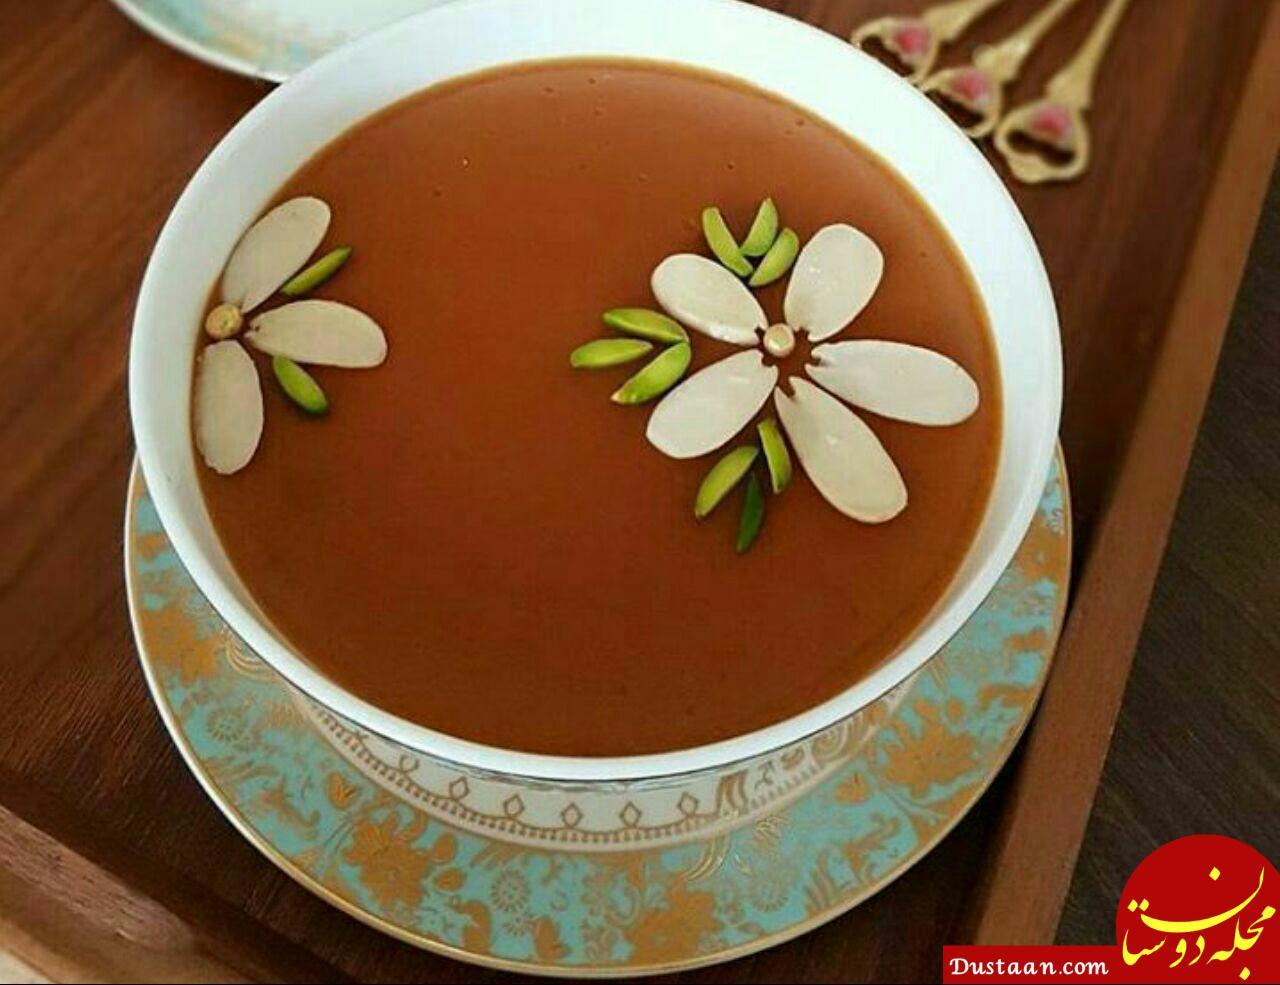 www.dustaan.com طرز تهیه فرنی با شیره خرما به سبکی خوشمزه